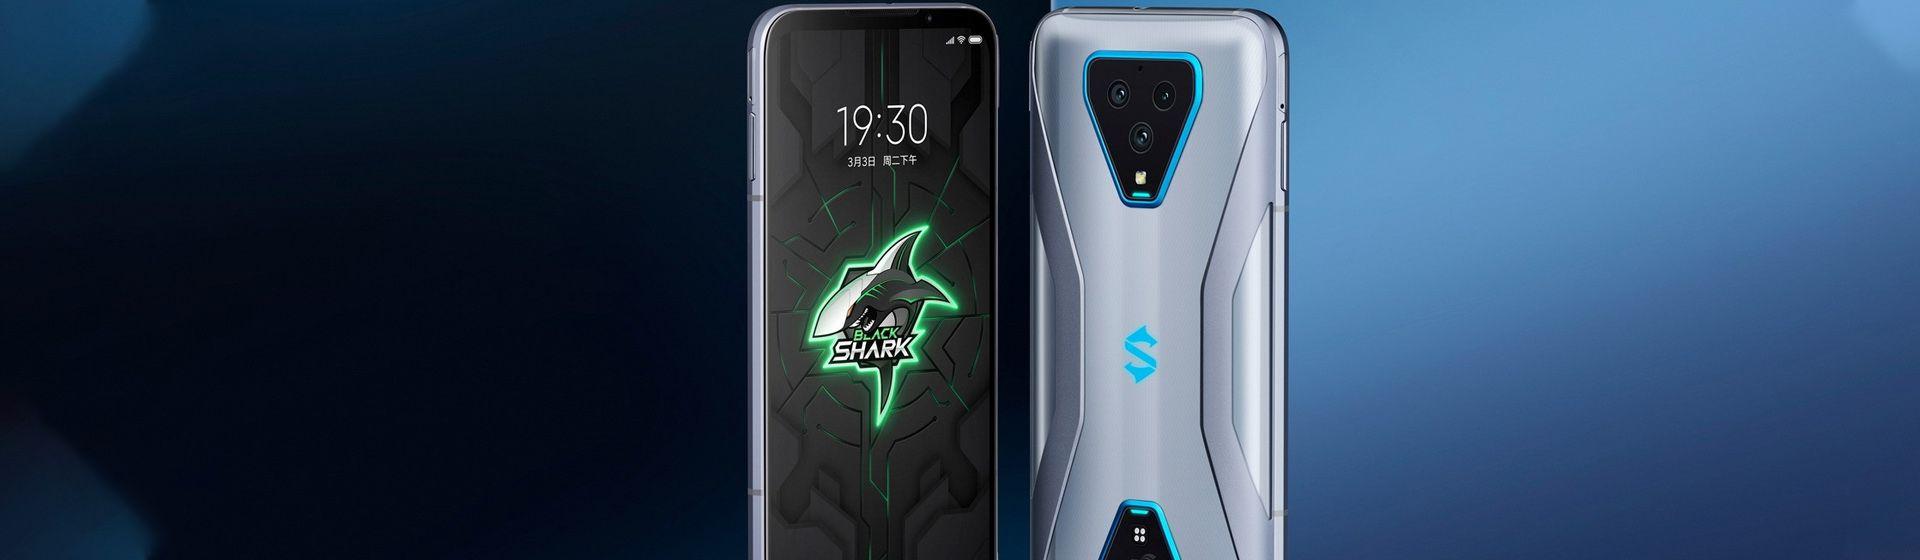 Black Shark 4: celular gamer da Xiaomi carregará 100% em menos de 15 minutos